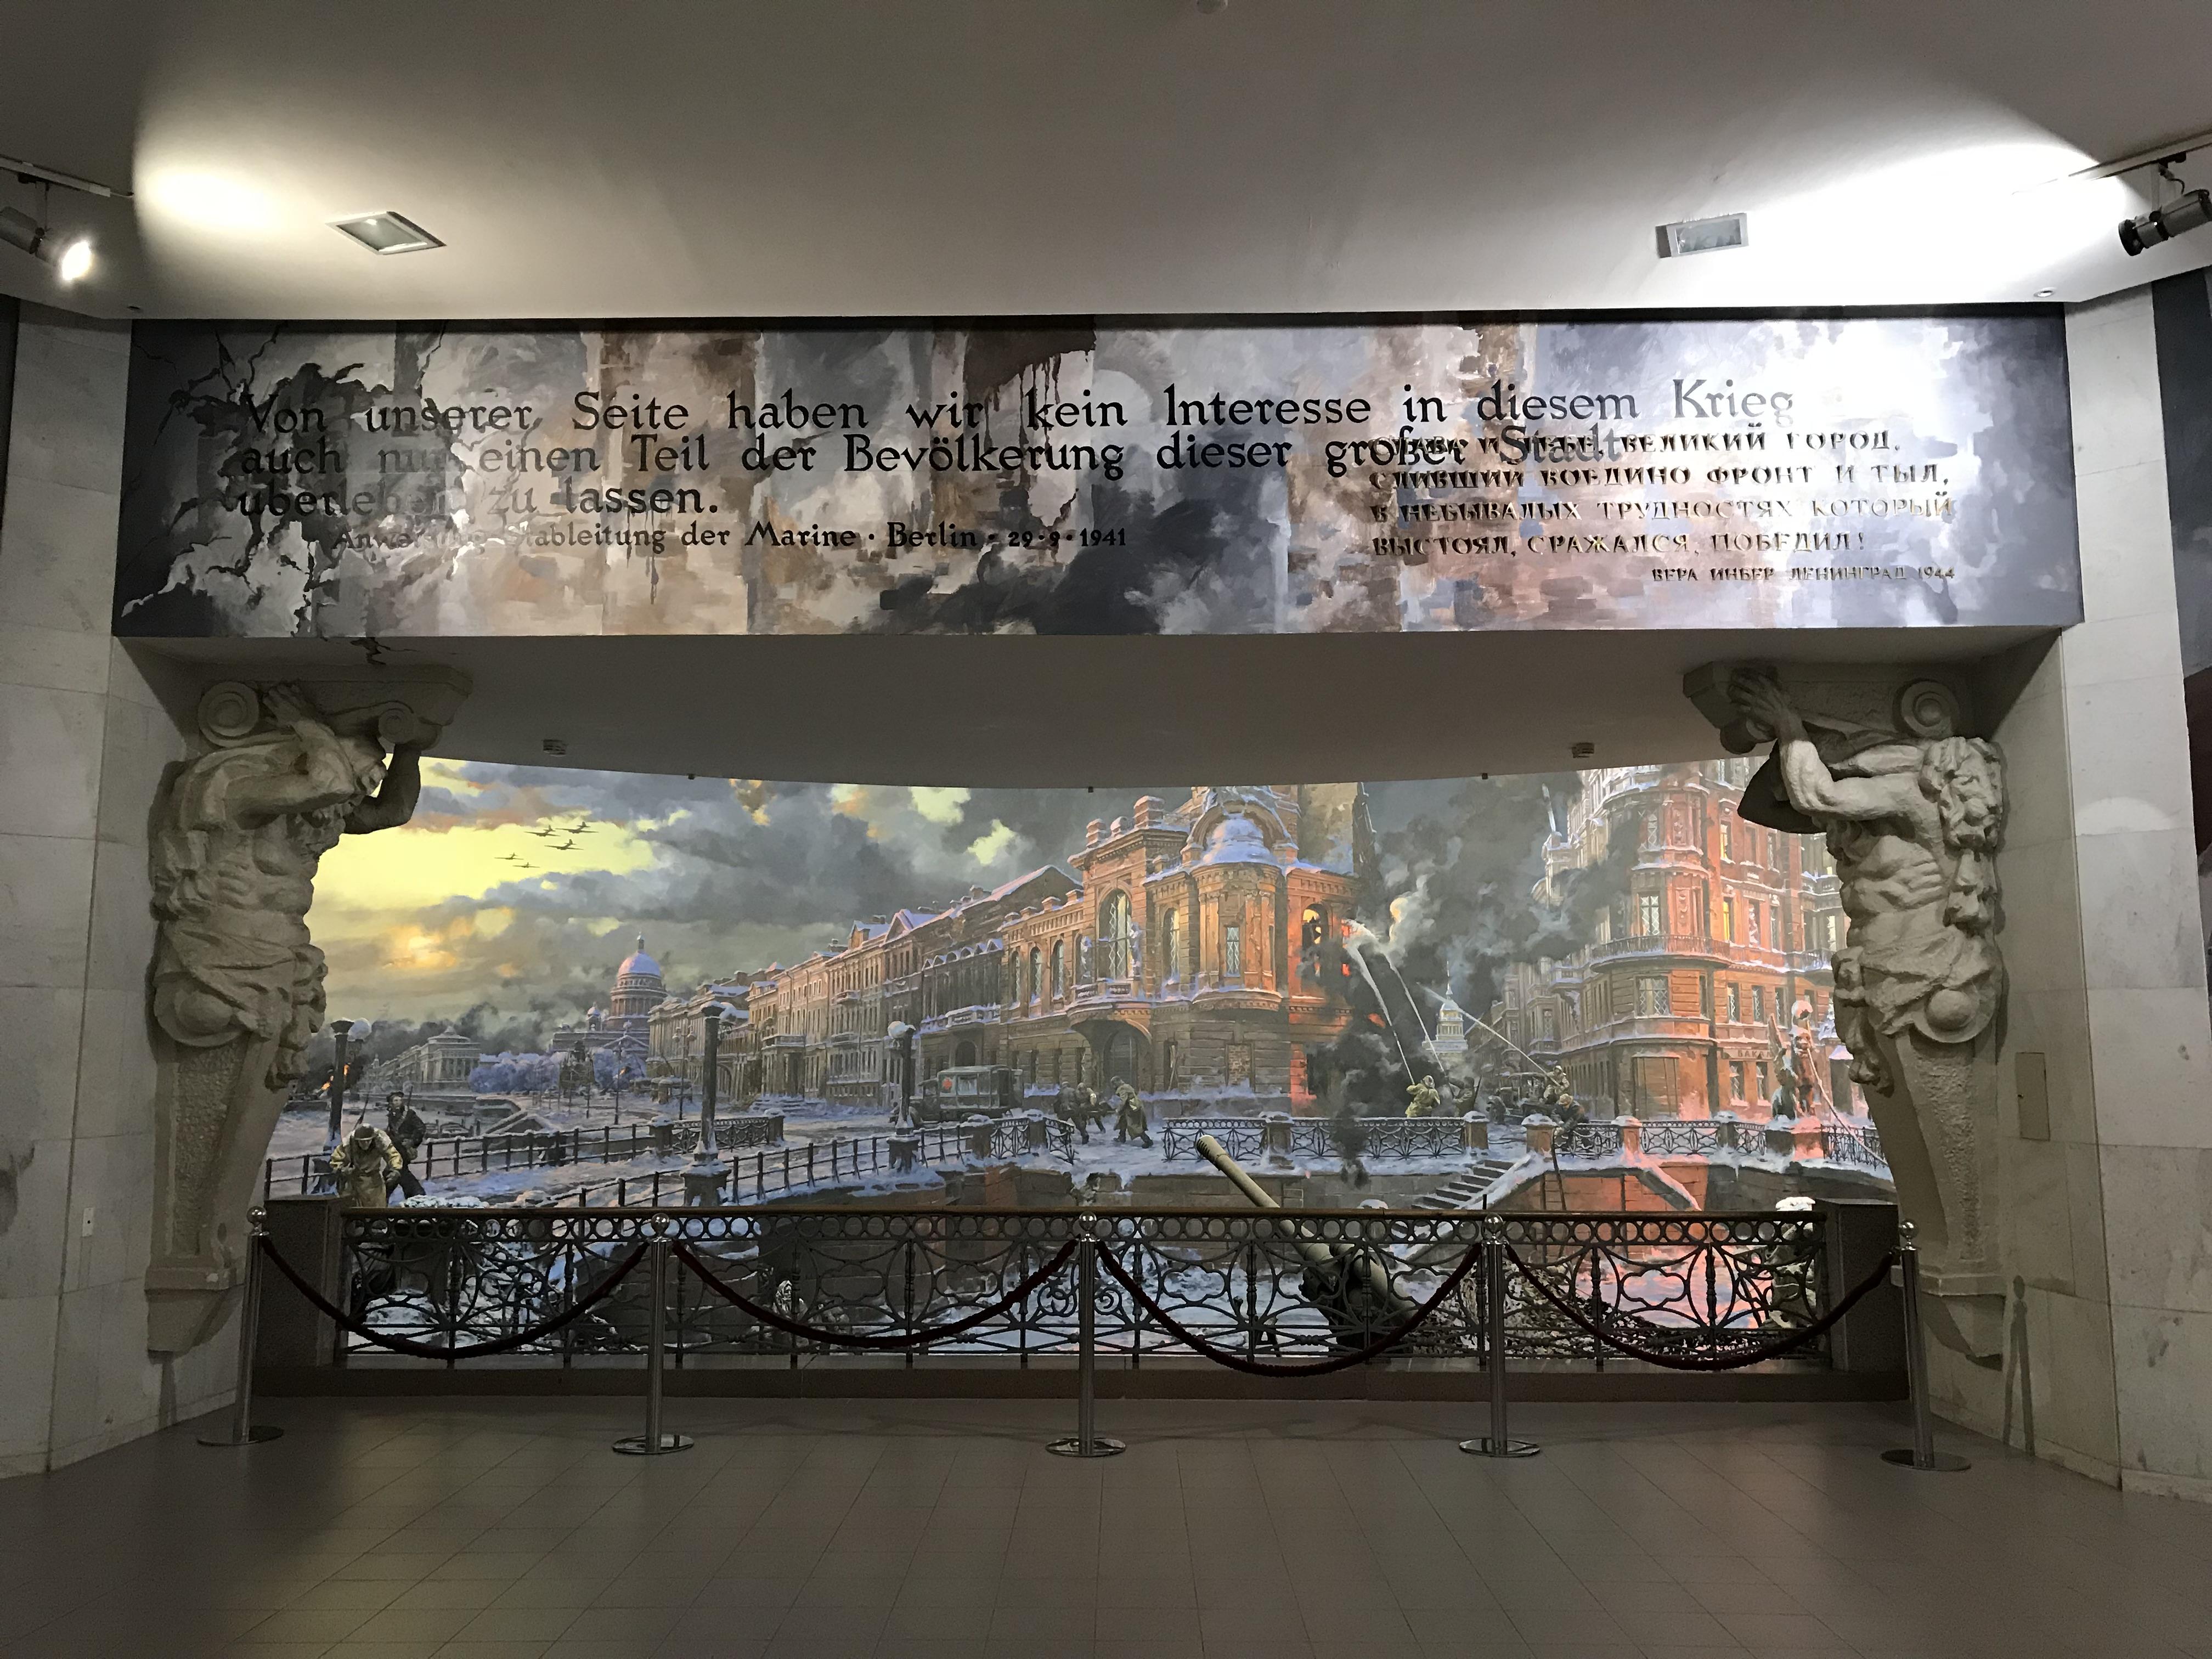 Diorama: Det stora fosterländska museet